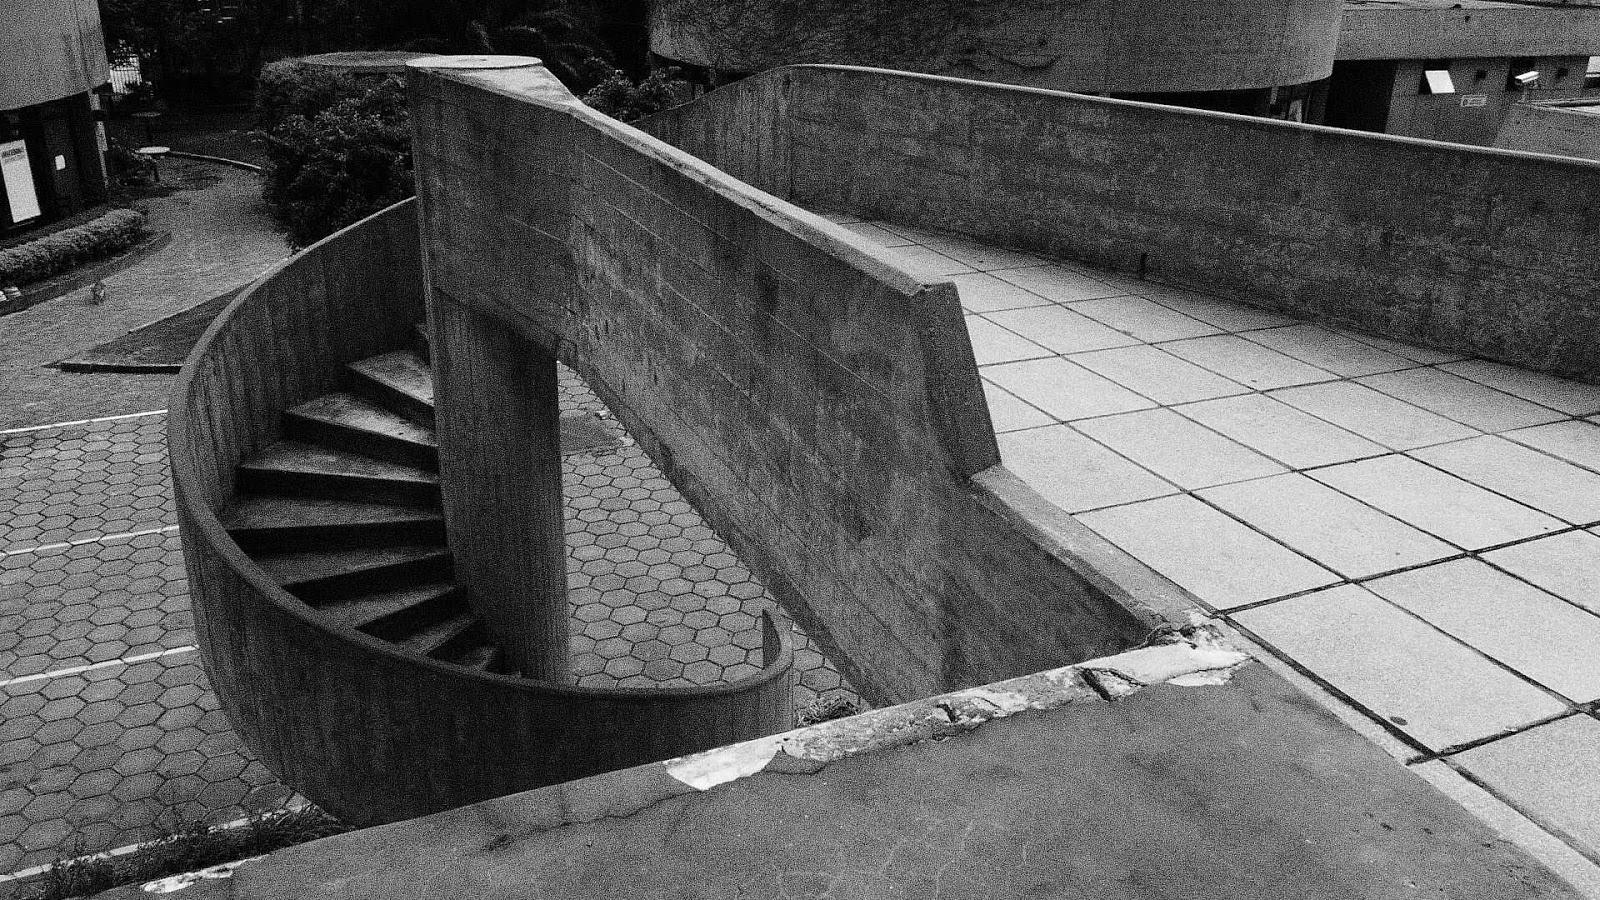 la idea principal segn lo relata el arquitecto testa fue ubicar los depsitos del bajo tierra que el estado decidi